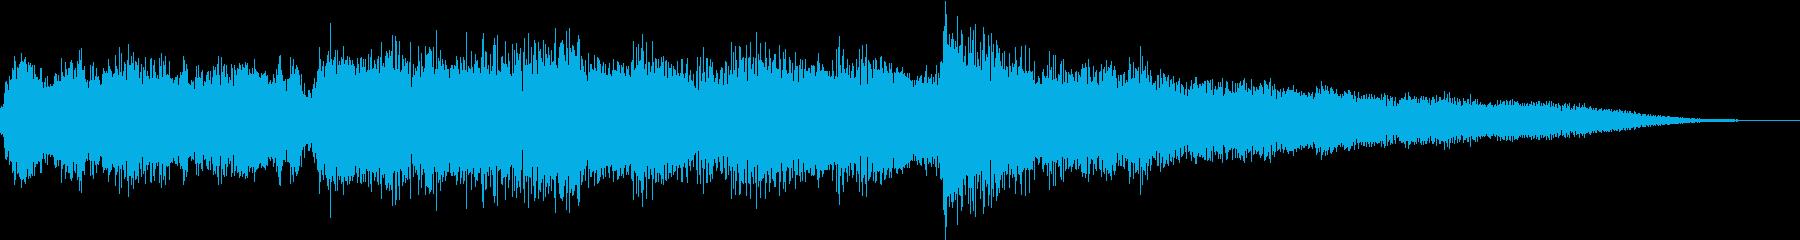 【ジングル】不気味な怖いワルツの再生済みの波形